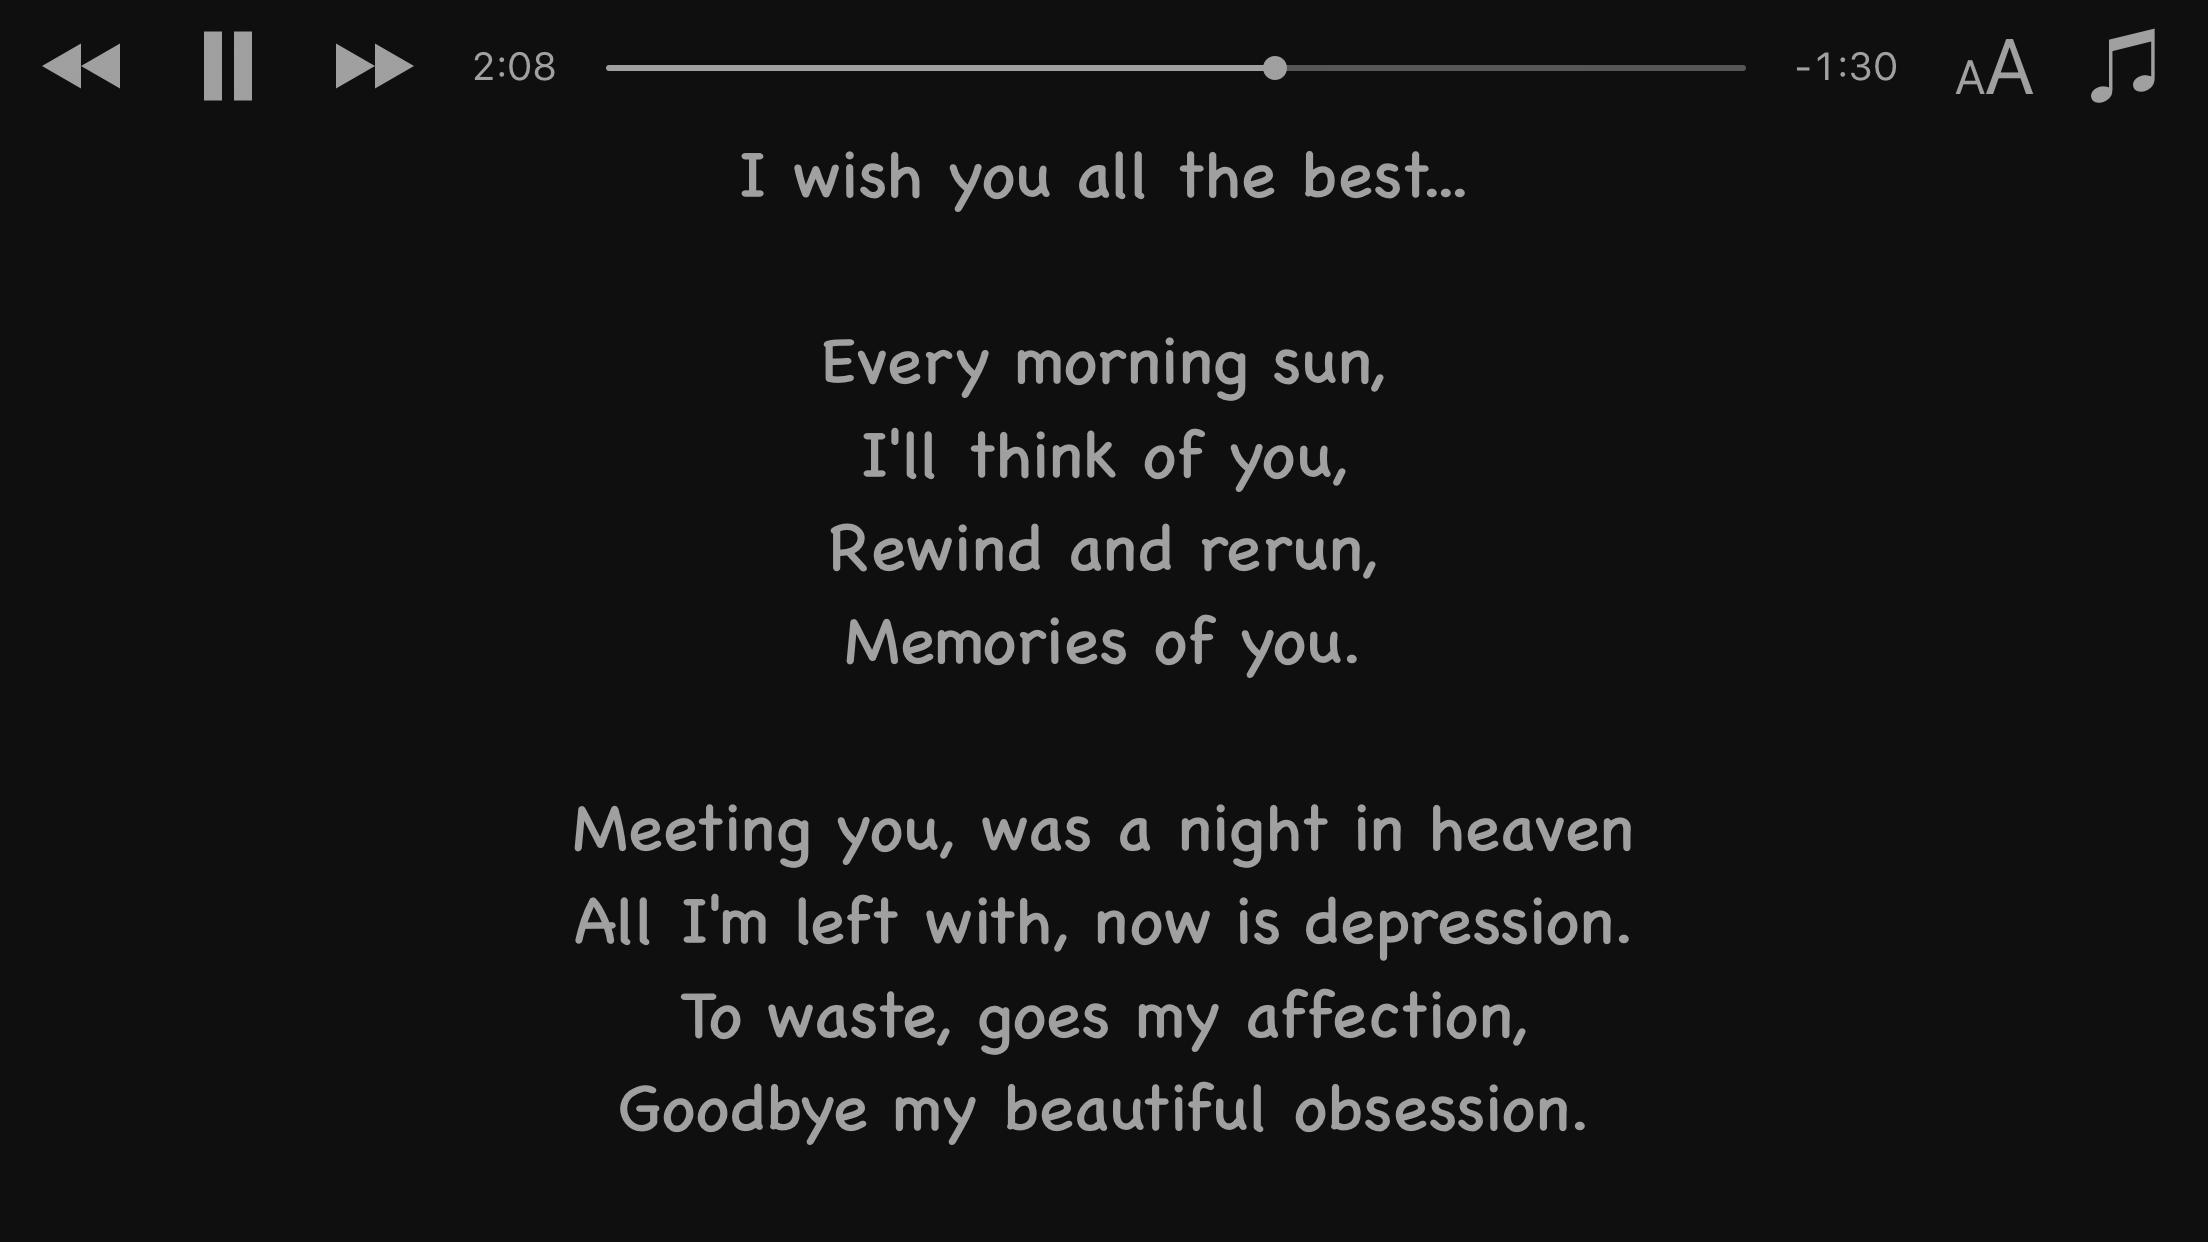 lyrics_view_iphone_screenshot_4.PNG